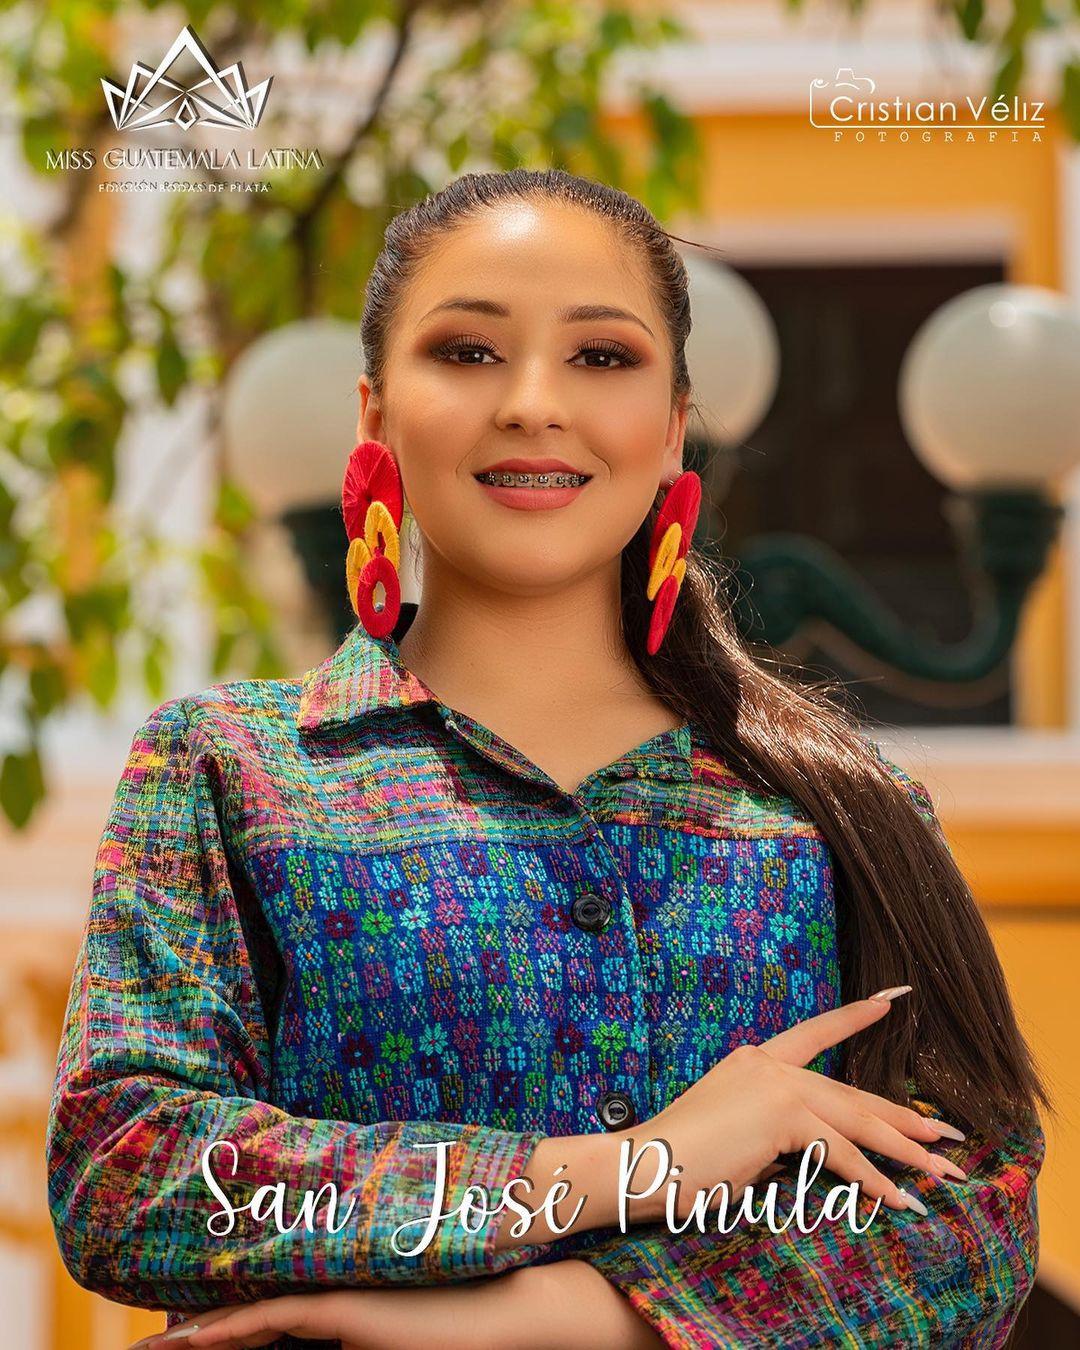 candidatas a miss guatemala latina 2021. final: 30 de abril. - Página 2 B2gZEG